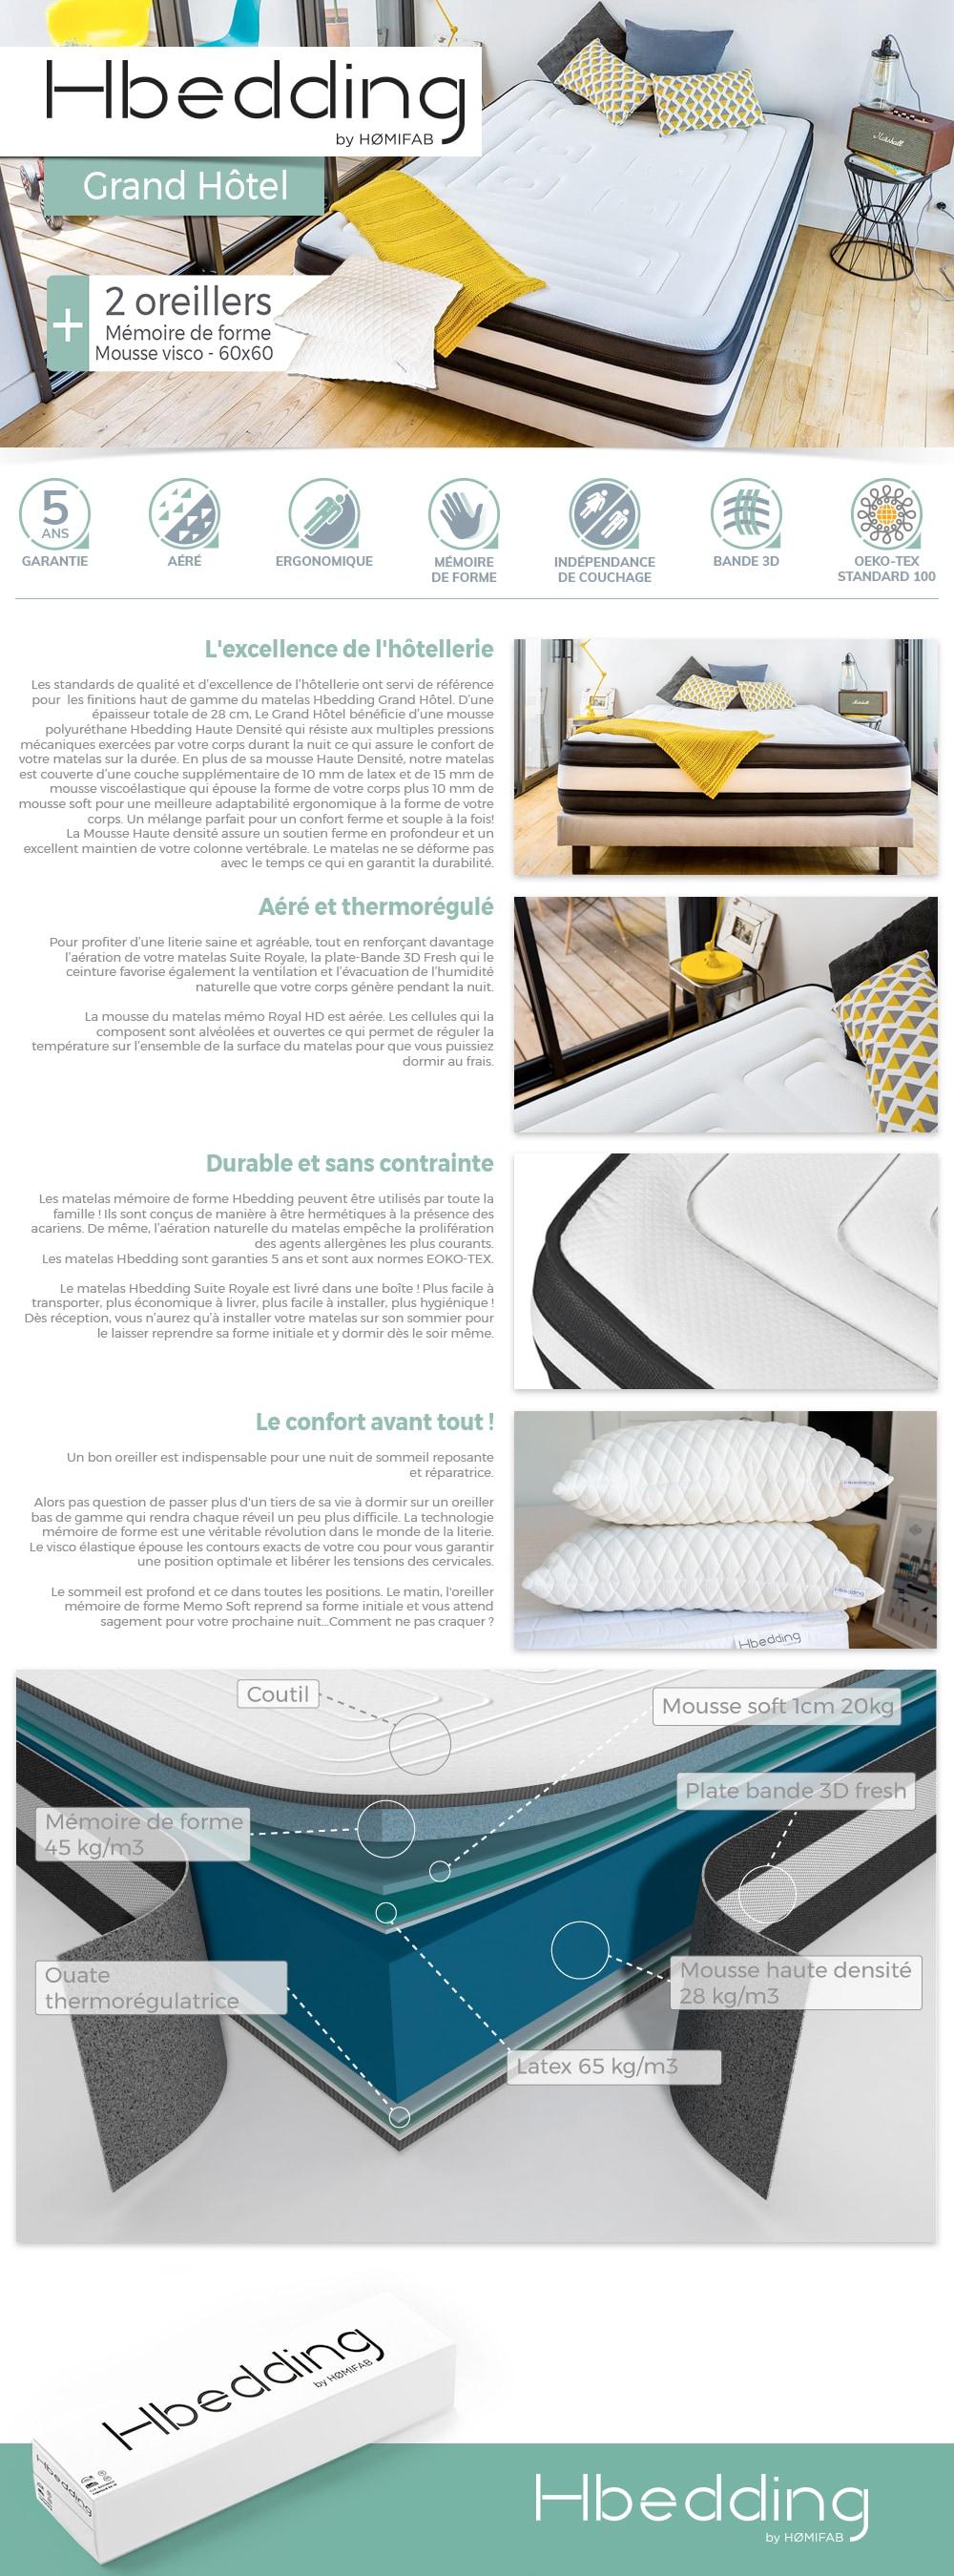 matelas m moire de forme 140x190 grand hotel hbedding 2 oreillers m moire de forme 60x60cm. Black Bedroom Furniture Sets. Home Design Ideas